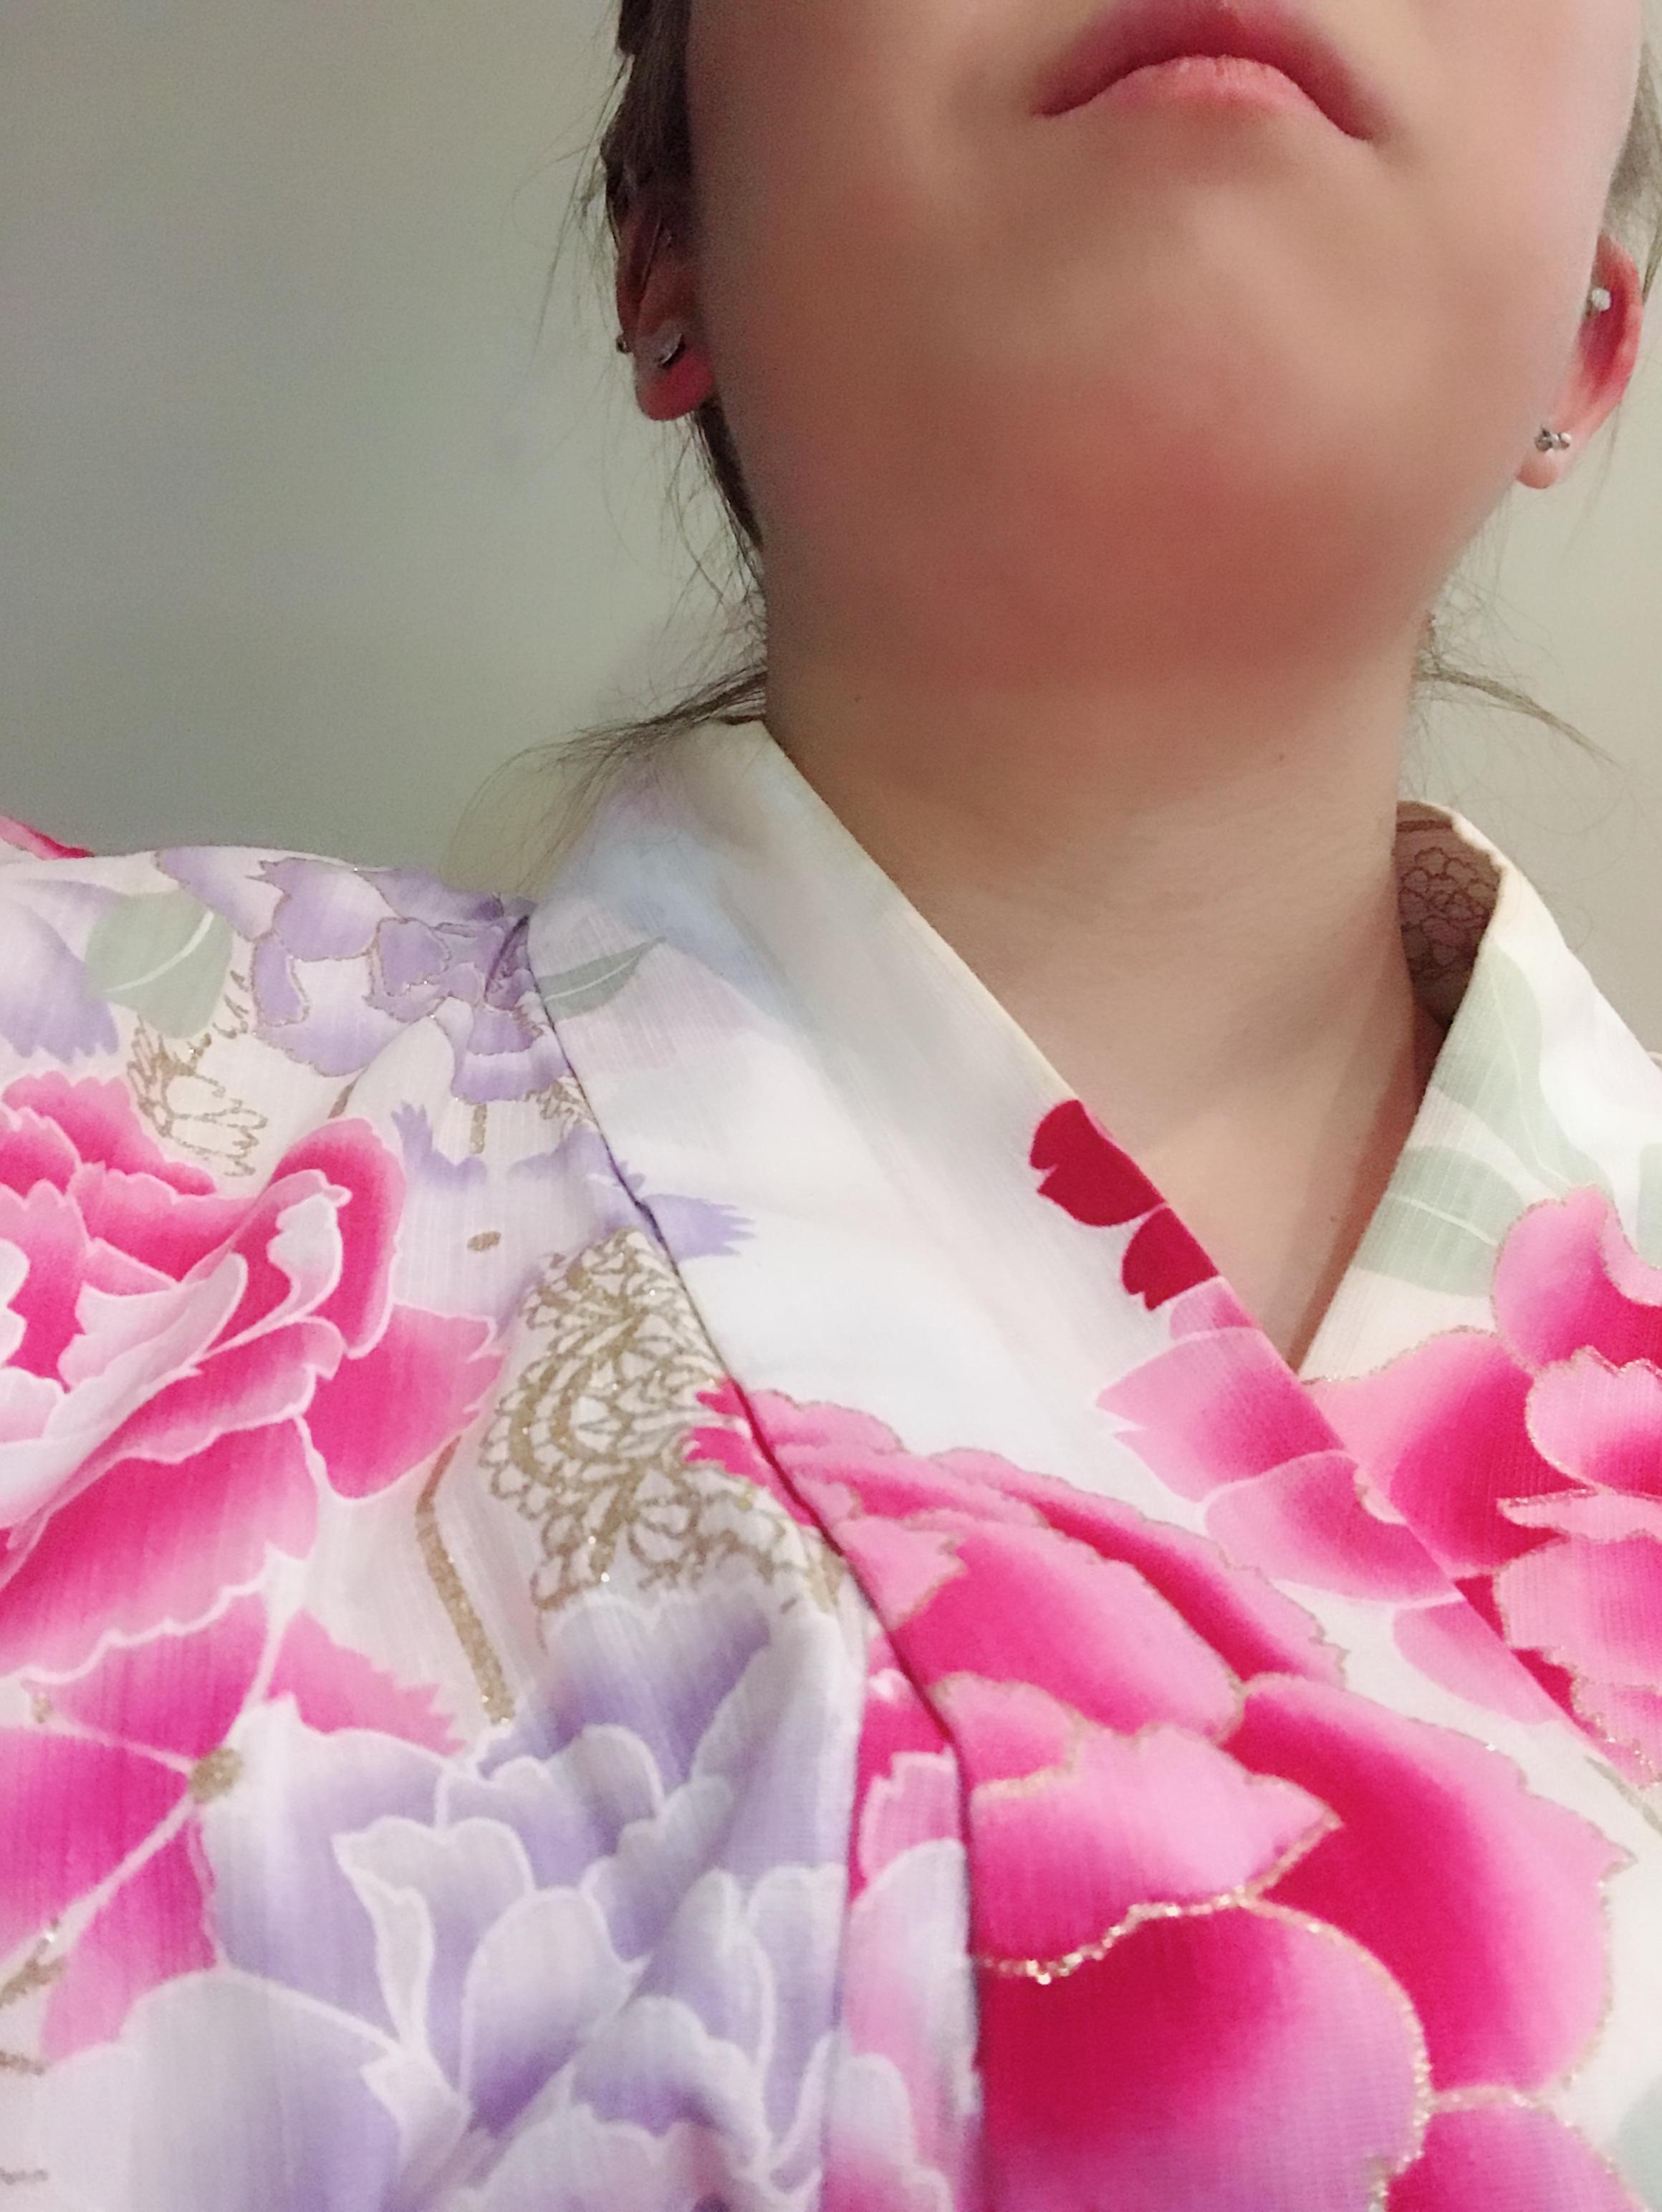 「しゅっきーん」08/05(日) 04:40 | みなみの写メ・風俗動画